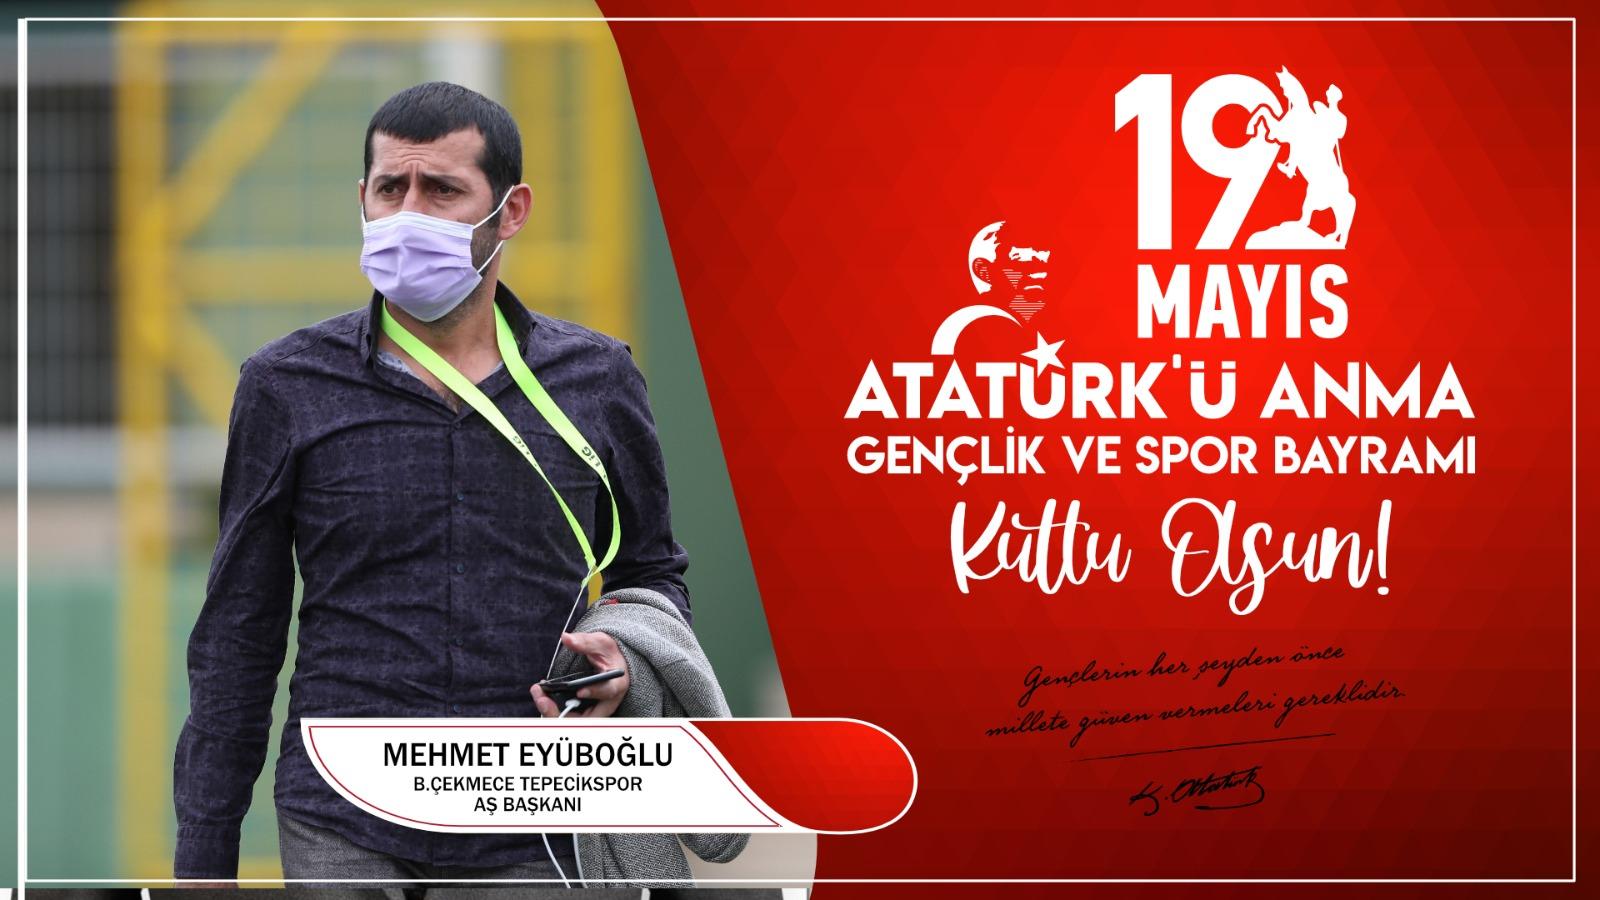 Mehmet Eyüboğlu'ndan Kutlama Mesajı